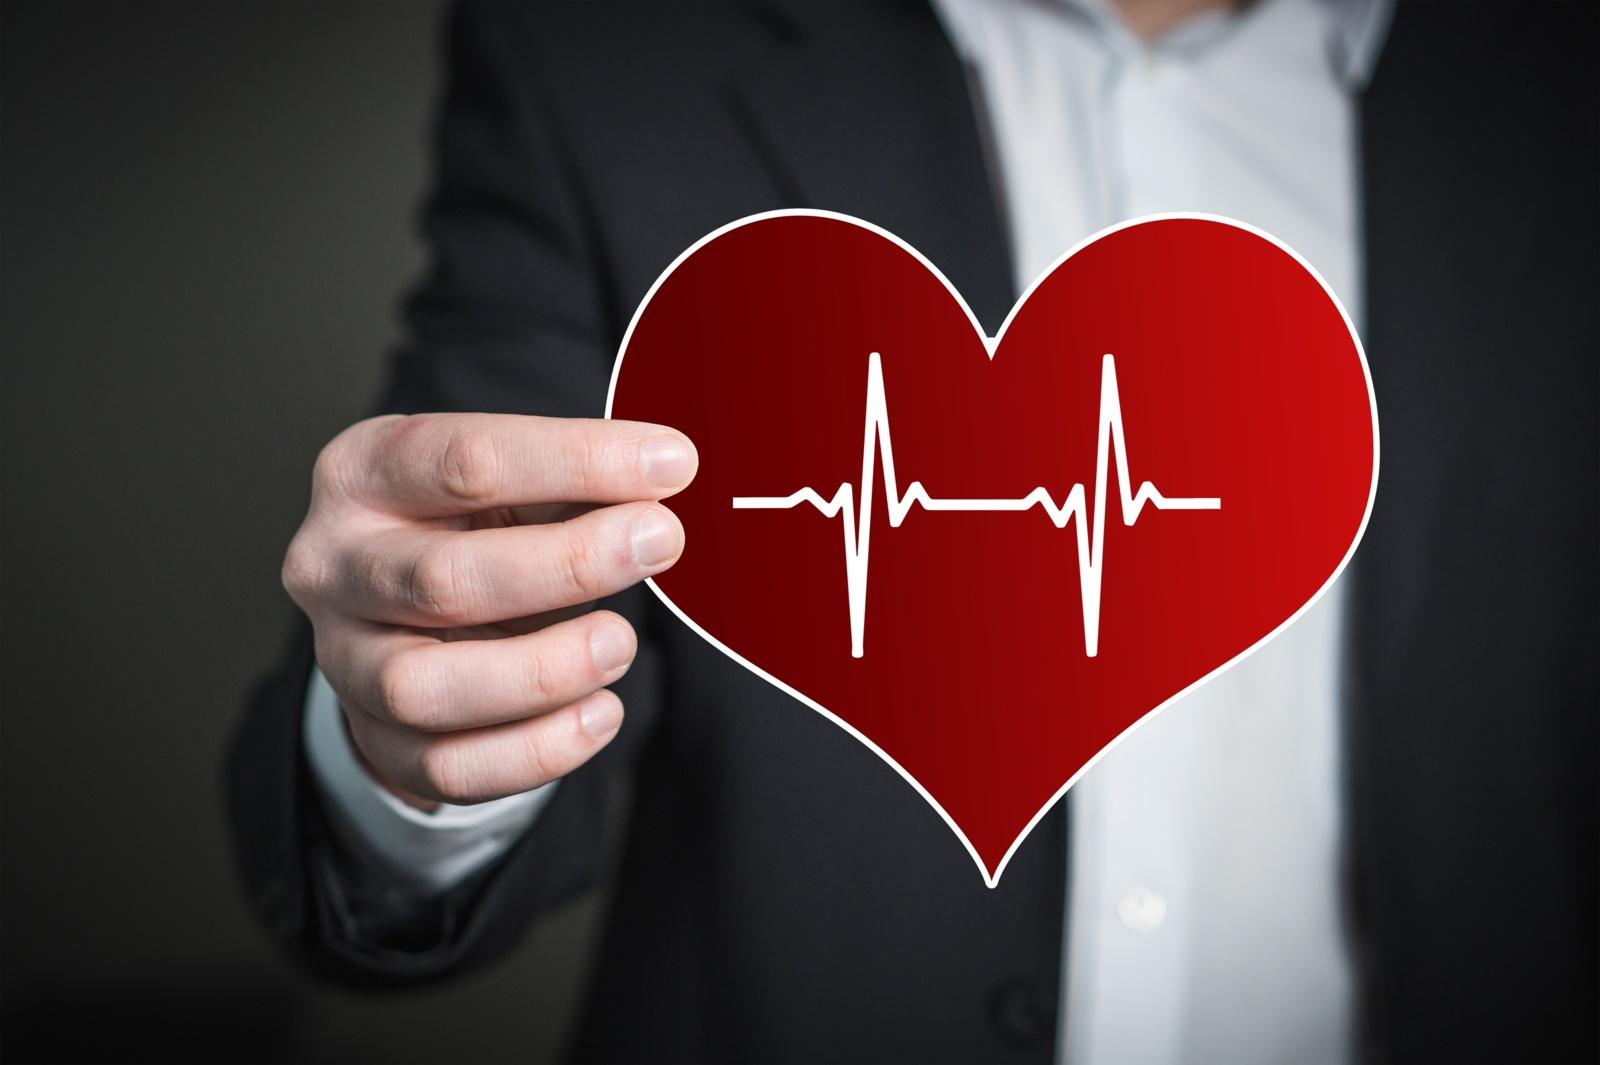 priemonės nuo hipertenzijos internete)